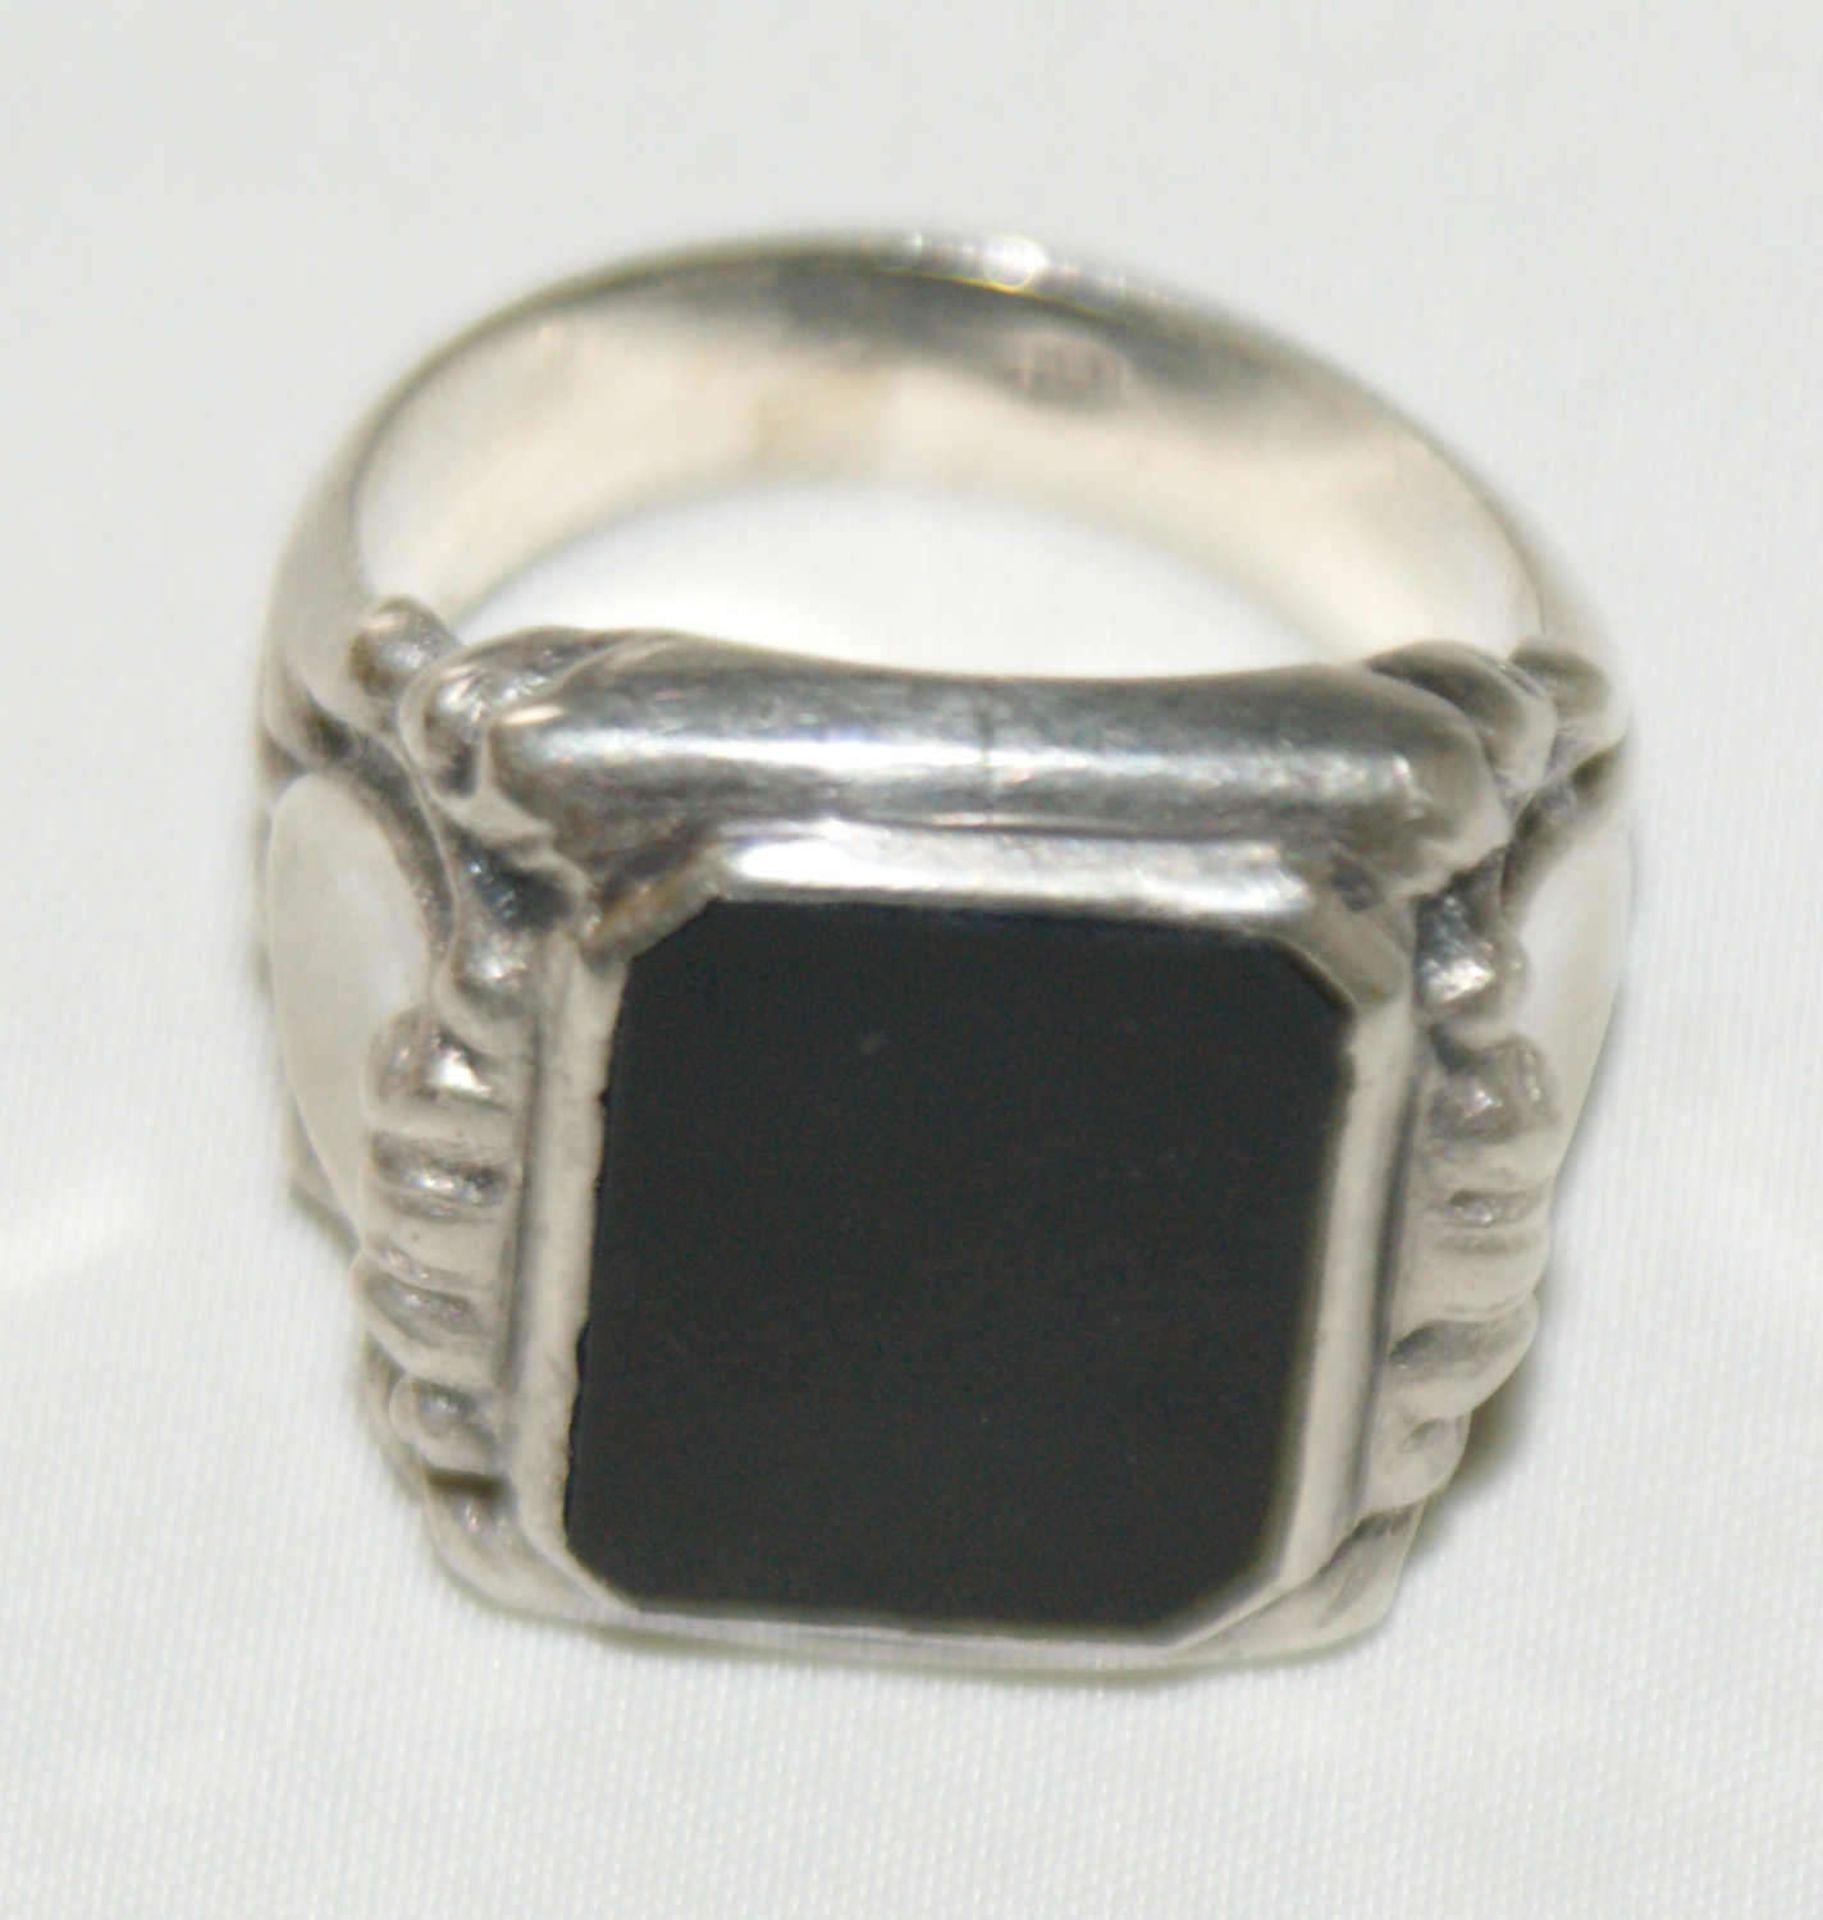 Herrenring, 830er Silber, besetzt mit Onxy, Ringgröße 58, Gewicht ca. 8 gr - Bild 2 aus 2